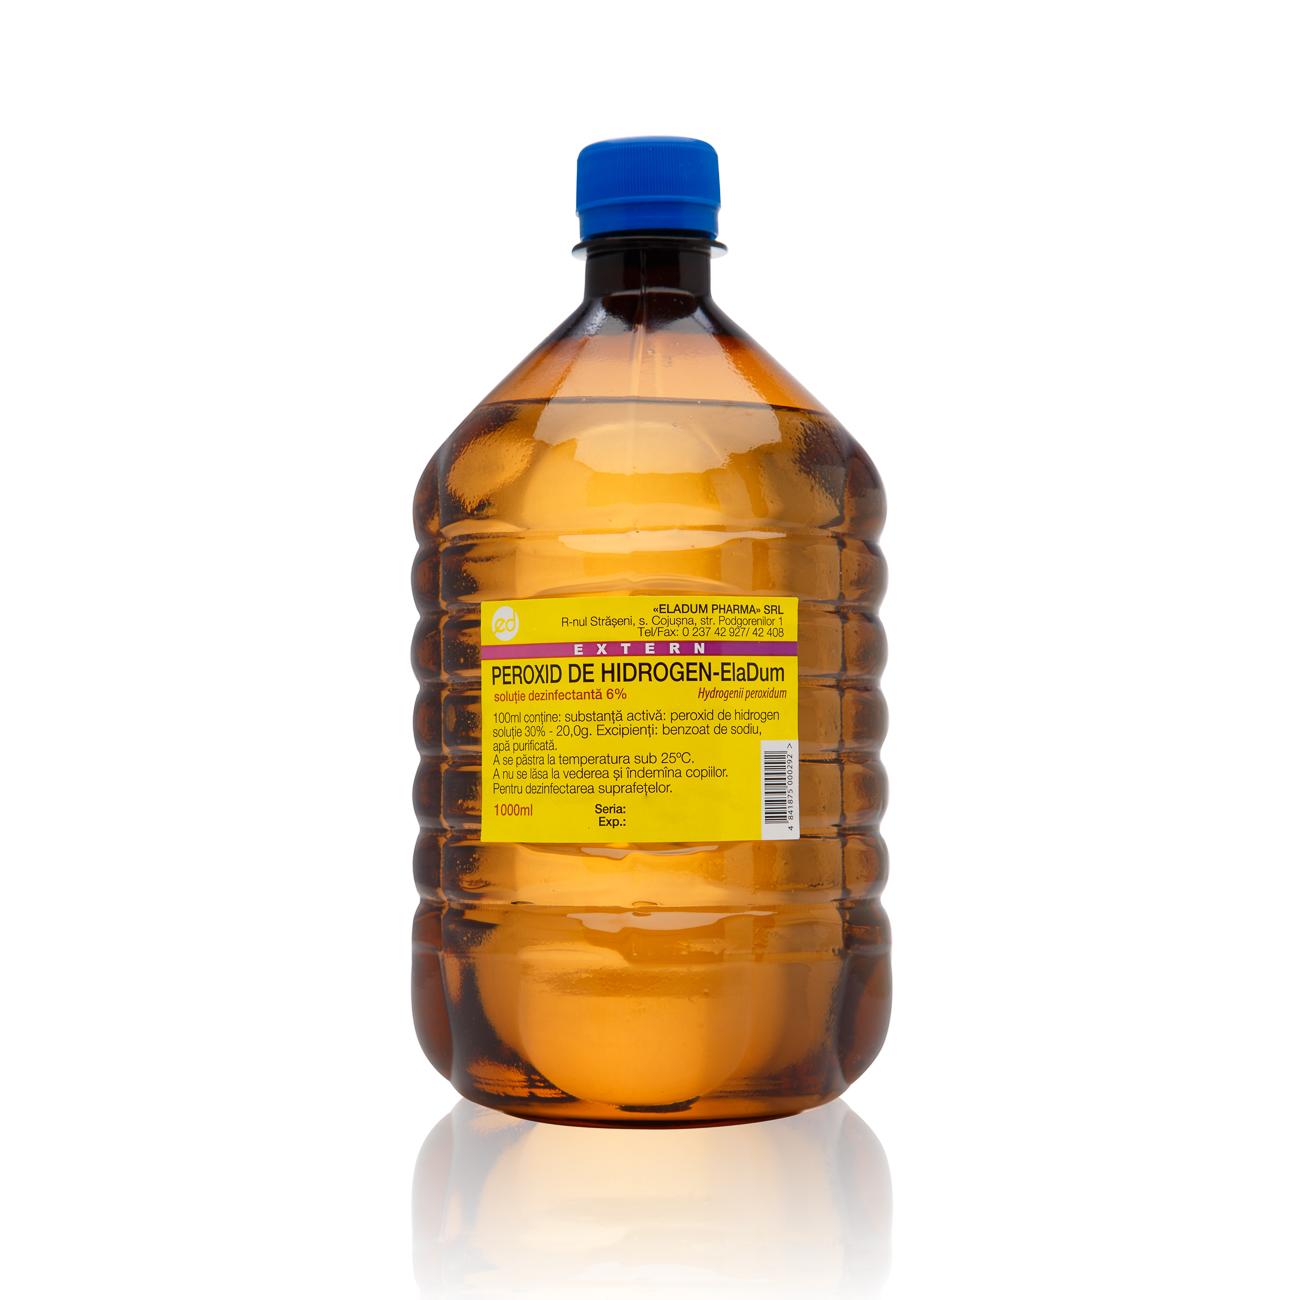 hidrogén-peroxid pikkelysömörrel kezelhetk)